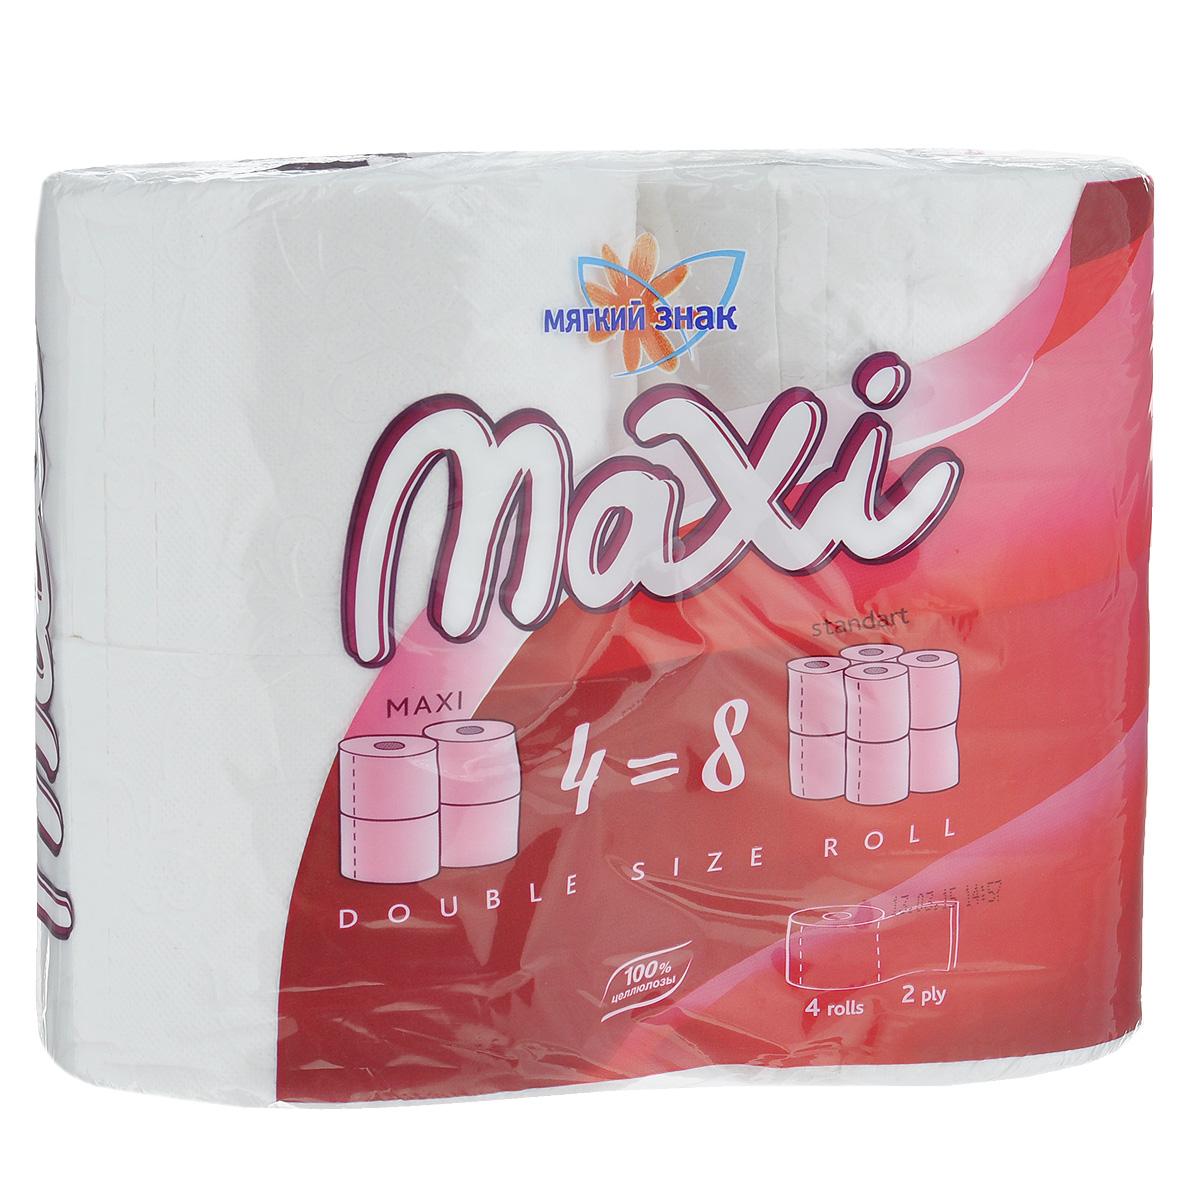 Туалетная бумага Мягкий знак Maxi, двухслойная, цвет: белый, 4 рулонаC118Туалетная бумага Мягкий знак Maxi, выполненная из натуральной целлюлозы, обеспечивает превосходный комфорт и ощущение чистоты и свежести. Необыкновенно мягкая, но в тоже время прочная, бумага не расслаивается и отрывается строго по линии перфорации. Один рулон туалетной бумаги Мягкий знак Maxi равен двум стандартным рулонам. Количество листов: 320 шт. Количество слоев: 2. Размер листа: 12,5 см х 9,6 см. Состав: 100% целлюлоза.